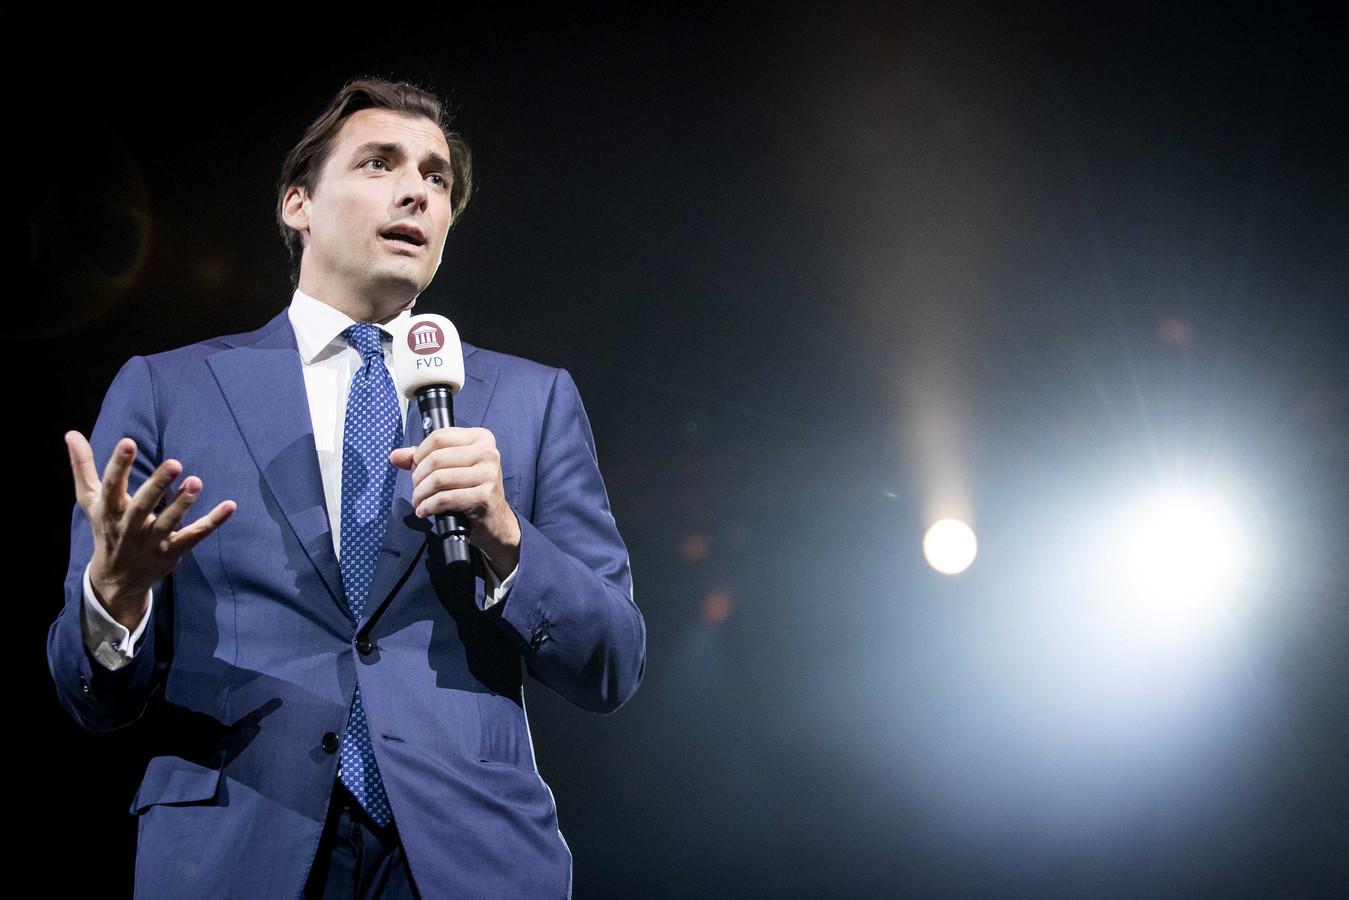 Partijleider Thierry Baudet tijdens de presentatie van de eerste tien kandidaten van Forum voor Democratie (FvD) voor de Tweede Kamerverkiezingen in oktober.